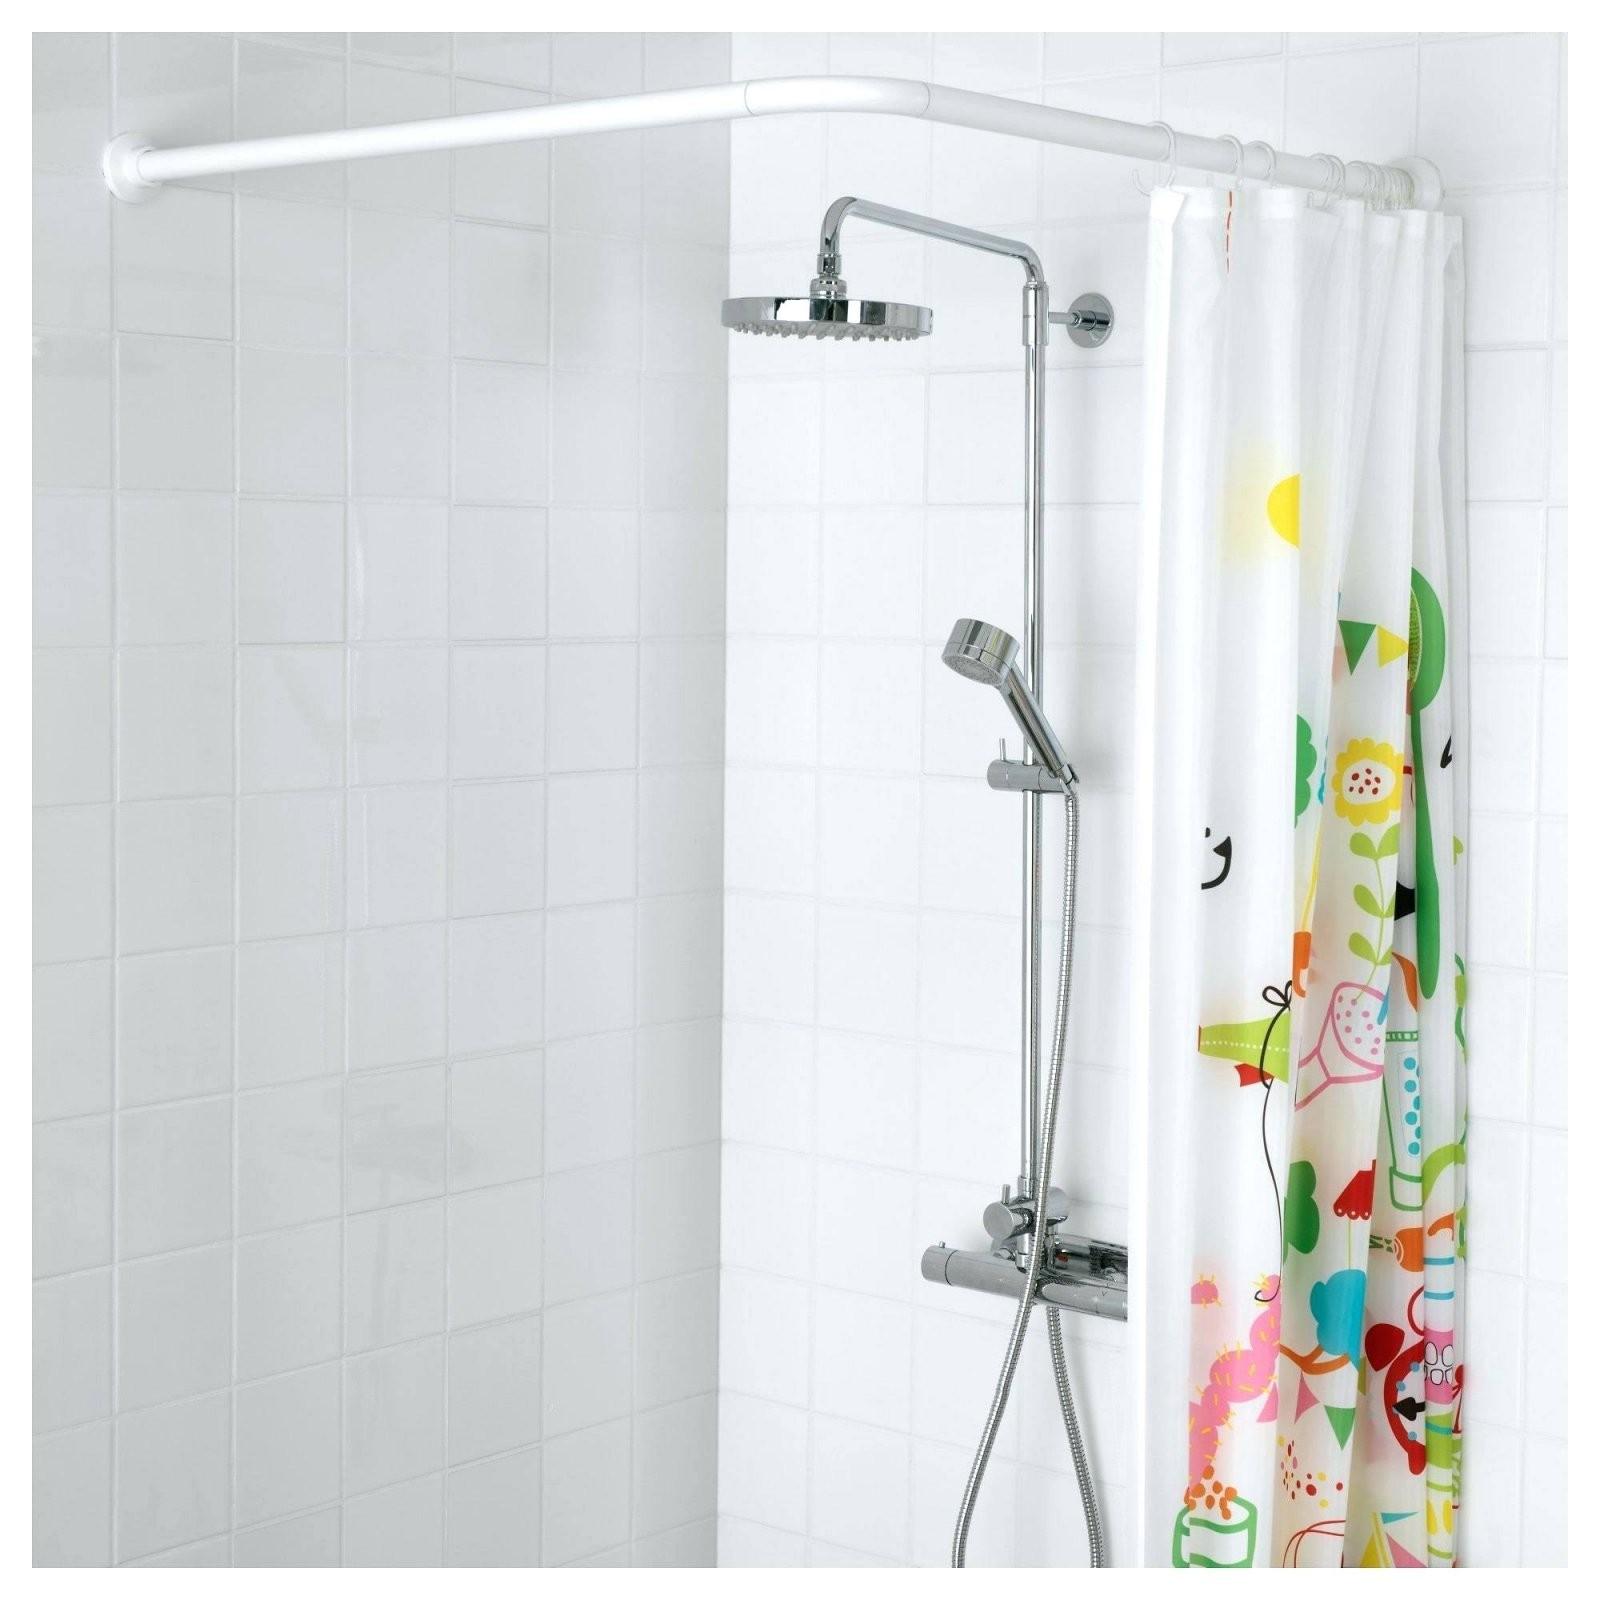 Duschvorhangstange L Form Duschvorhangstangen U Fur Badewannen von Duschvorhangstange Badewanne L Form Bild